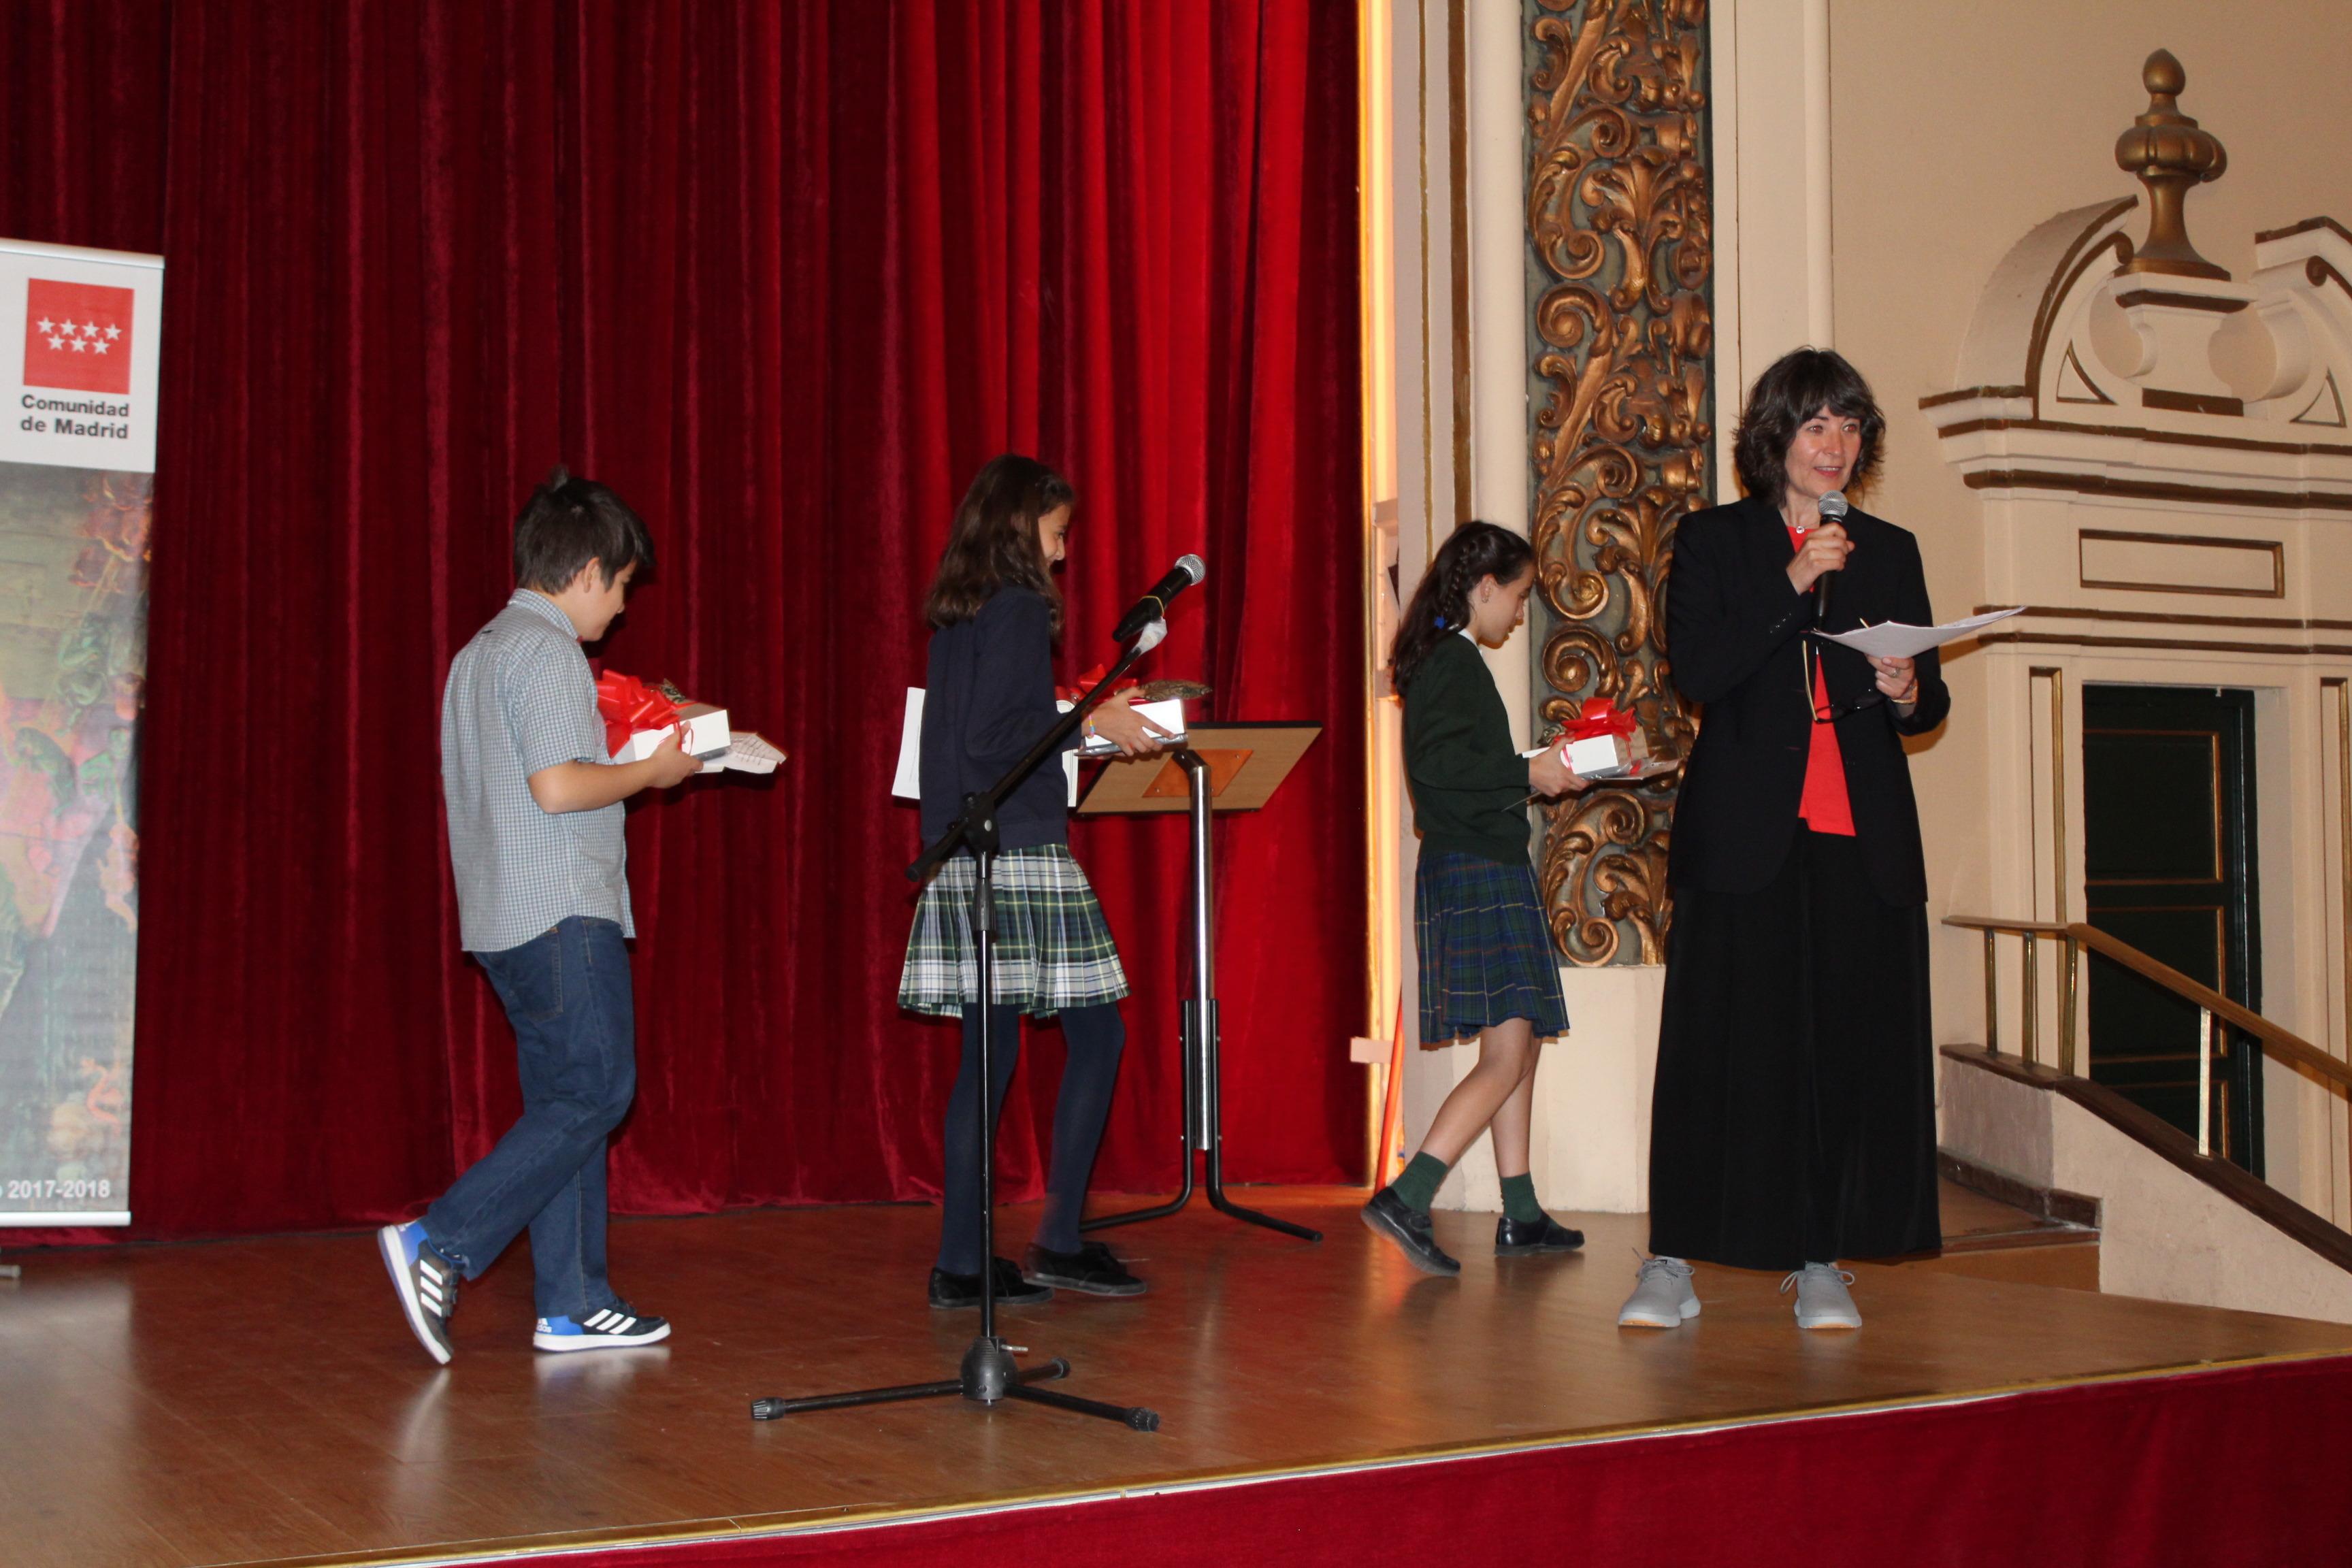 Acto de entrega de premios de Narración y Recitado de Poesía 47 (Foto)